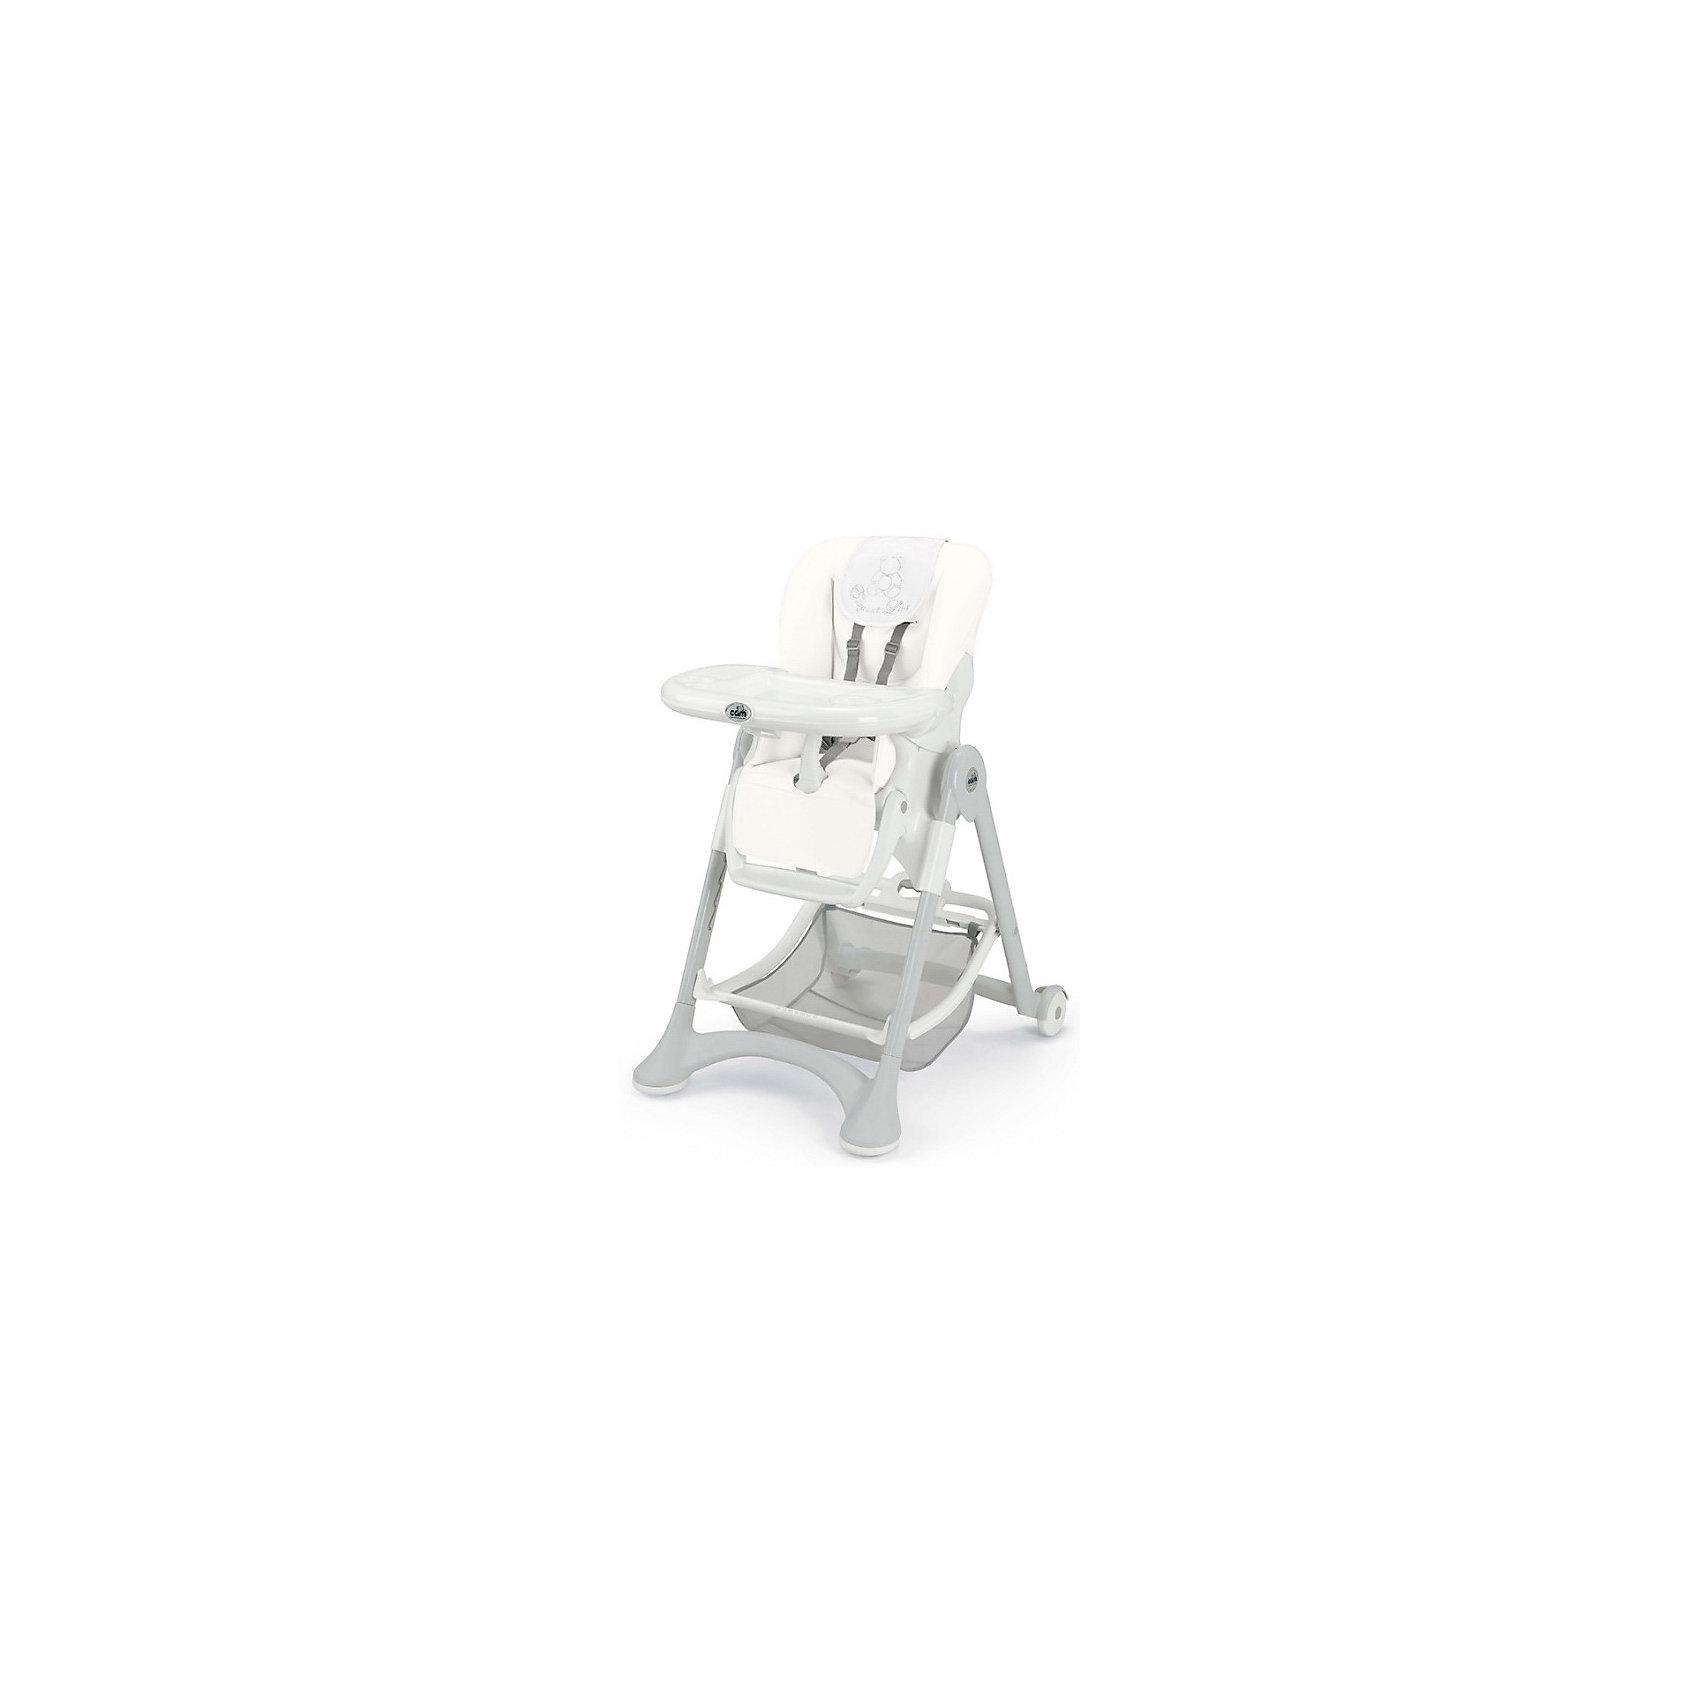 Стульчик для кормления Campione Elegant, CAM, White LeatheretteОчень удобный и комфортный стульчик для кормления обязательно понравится малышам! Мягкое сиденье с регулируемой спинкой, страховочными ремнями и удобным разделителем для ног обеспечит малышам комфорт и безопасность. Стульчик имеет колесики, облегчающие перемещение по квартире; удобную подставку для ножек ребенка; съемный стол можно мыть в посудомоечной машине. Обивка стула выполнена из мягкой ткани, сам стул изготовлен из высококачественных прочных и экологичных материалов. Передняя часть рамы снабжена нескользящими ножками, которые обеспечивают дополнительную безопасность. Под сиденьем располагается большая корзина для игрушек и вещей. <br><br>Дополнительная информация:<br><br>- Материал: пластик, металл, <br>- Размеры : 109х84х61 см<br>- Размеры в сложенном виде: 97х40х61 см.<br>- Колесики.<br>- Вместительная корзина внизу. <br>- Нескользящие ножки.<br>- Регулируемый наклон спинки ( 3 положения, до положения лежа).<br>- Компактно складывается.<br>- Съемный стол (можно мыть в посудомоечной машине).<br>- Регулировка по высоте в 6 положениях. <br>- Регулируемая подножка.<br>- 5-ти точечные ремни безопасности.<br>- Чехол из ткани легко чистить. <br><br>Стульчик для кормления Campione Elegant, CAM, White Leatherette, можно купить в нашем магазине.<br><br>Ширина мм: 627<br>Глубина мм: 307<br>Высота мм: 980<br>Вес г: 12200<br>Возраст от месяцев: 6<br>Возраст до месяцев: 36<br>Пол: Унисекс<br>Возраст: Детский<br>SKU: 4443774